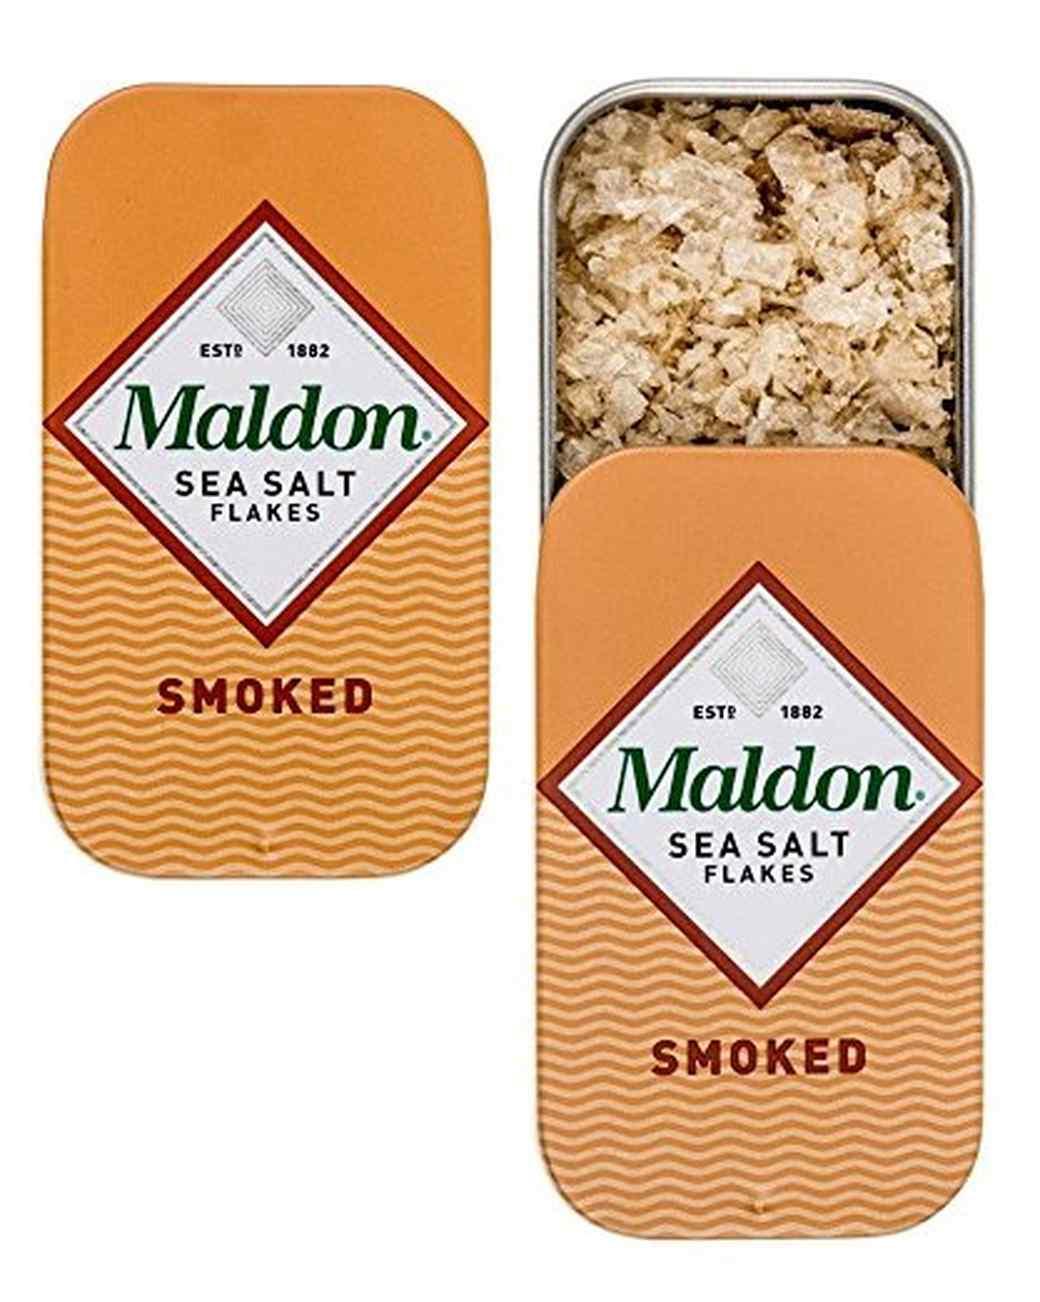 Maldon smoked sea salt tins